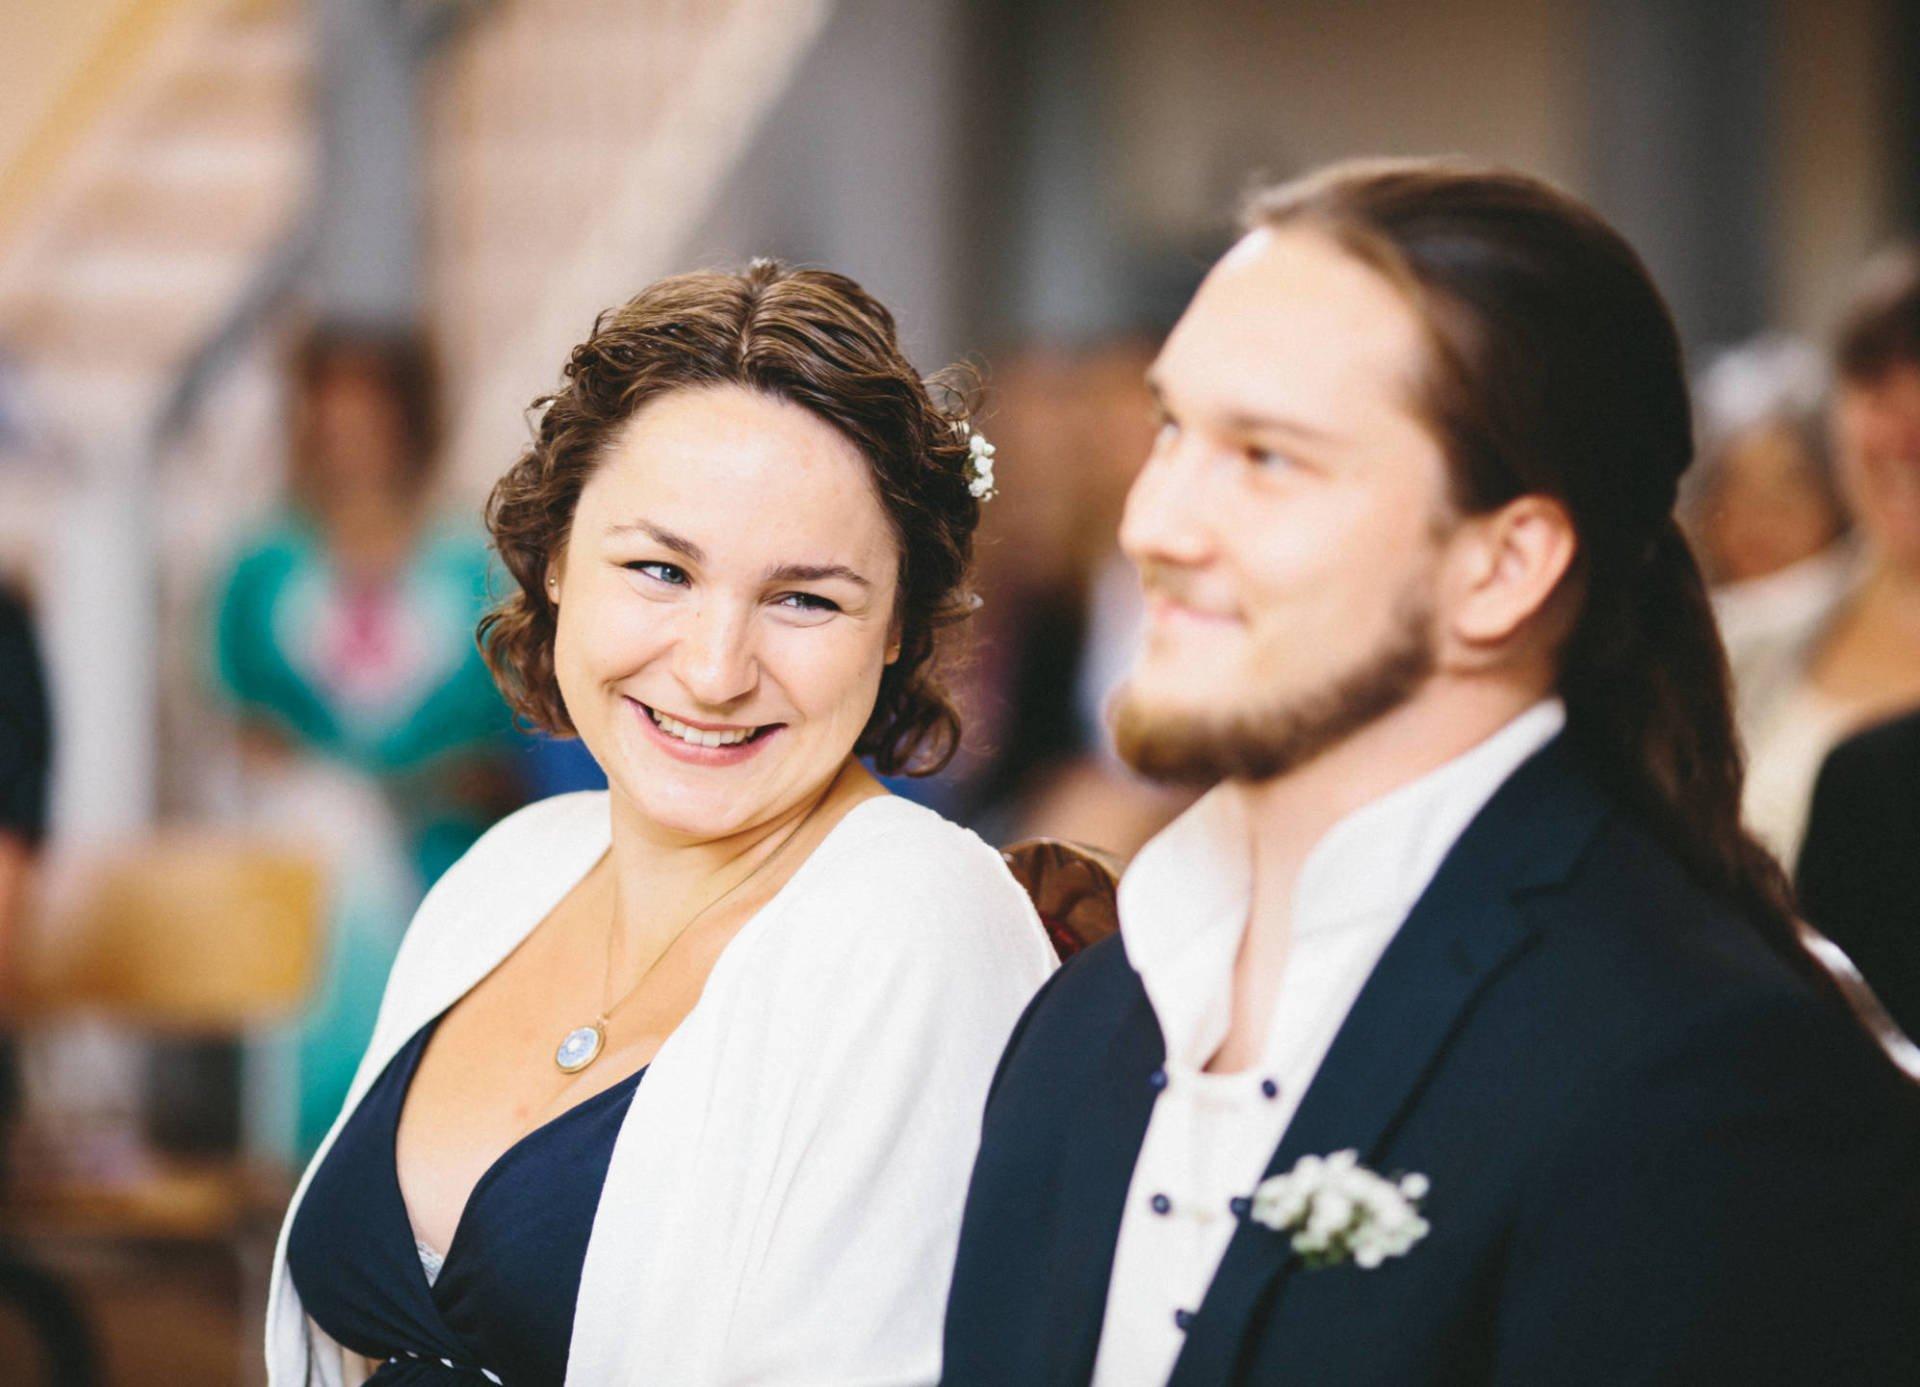 Hochzeitsreportage | Hochzeit in Kreuzgewölbe Schöngleina | 7